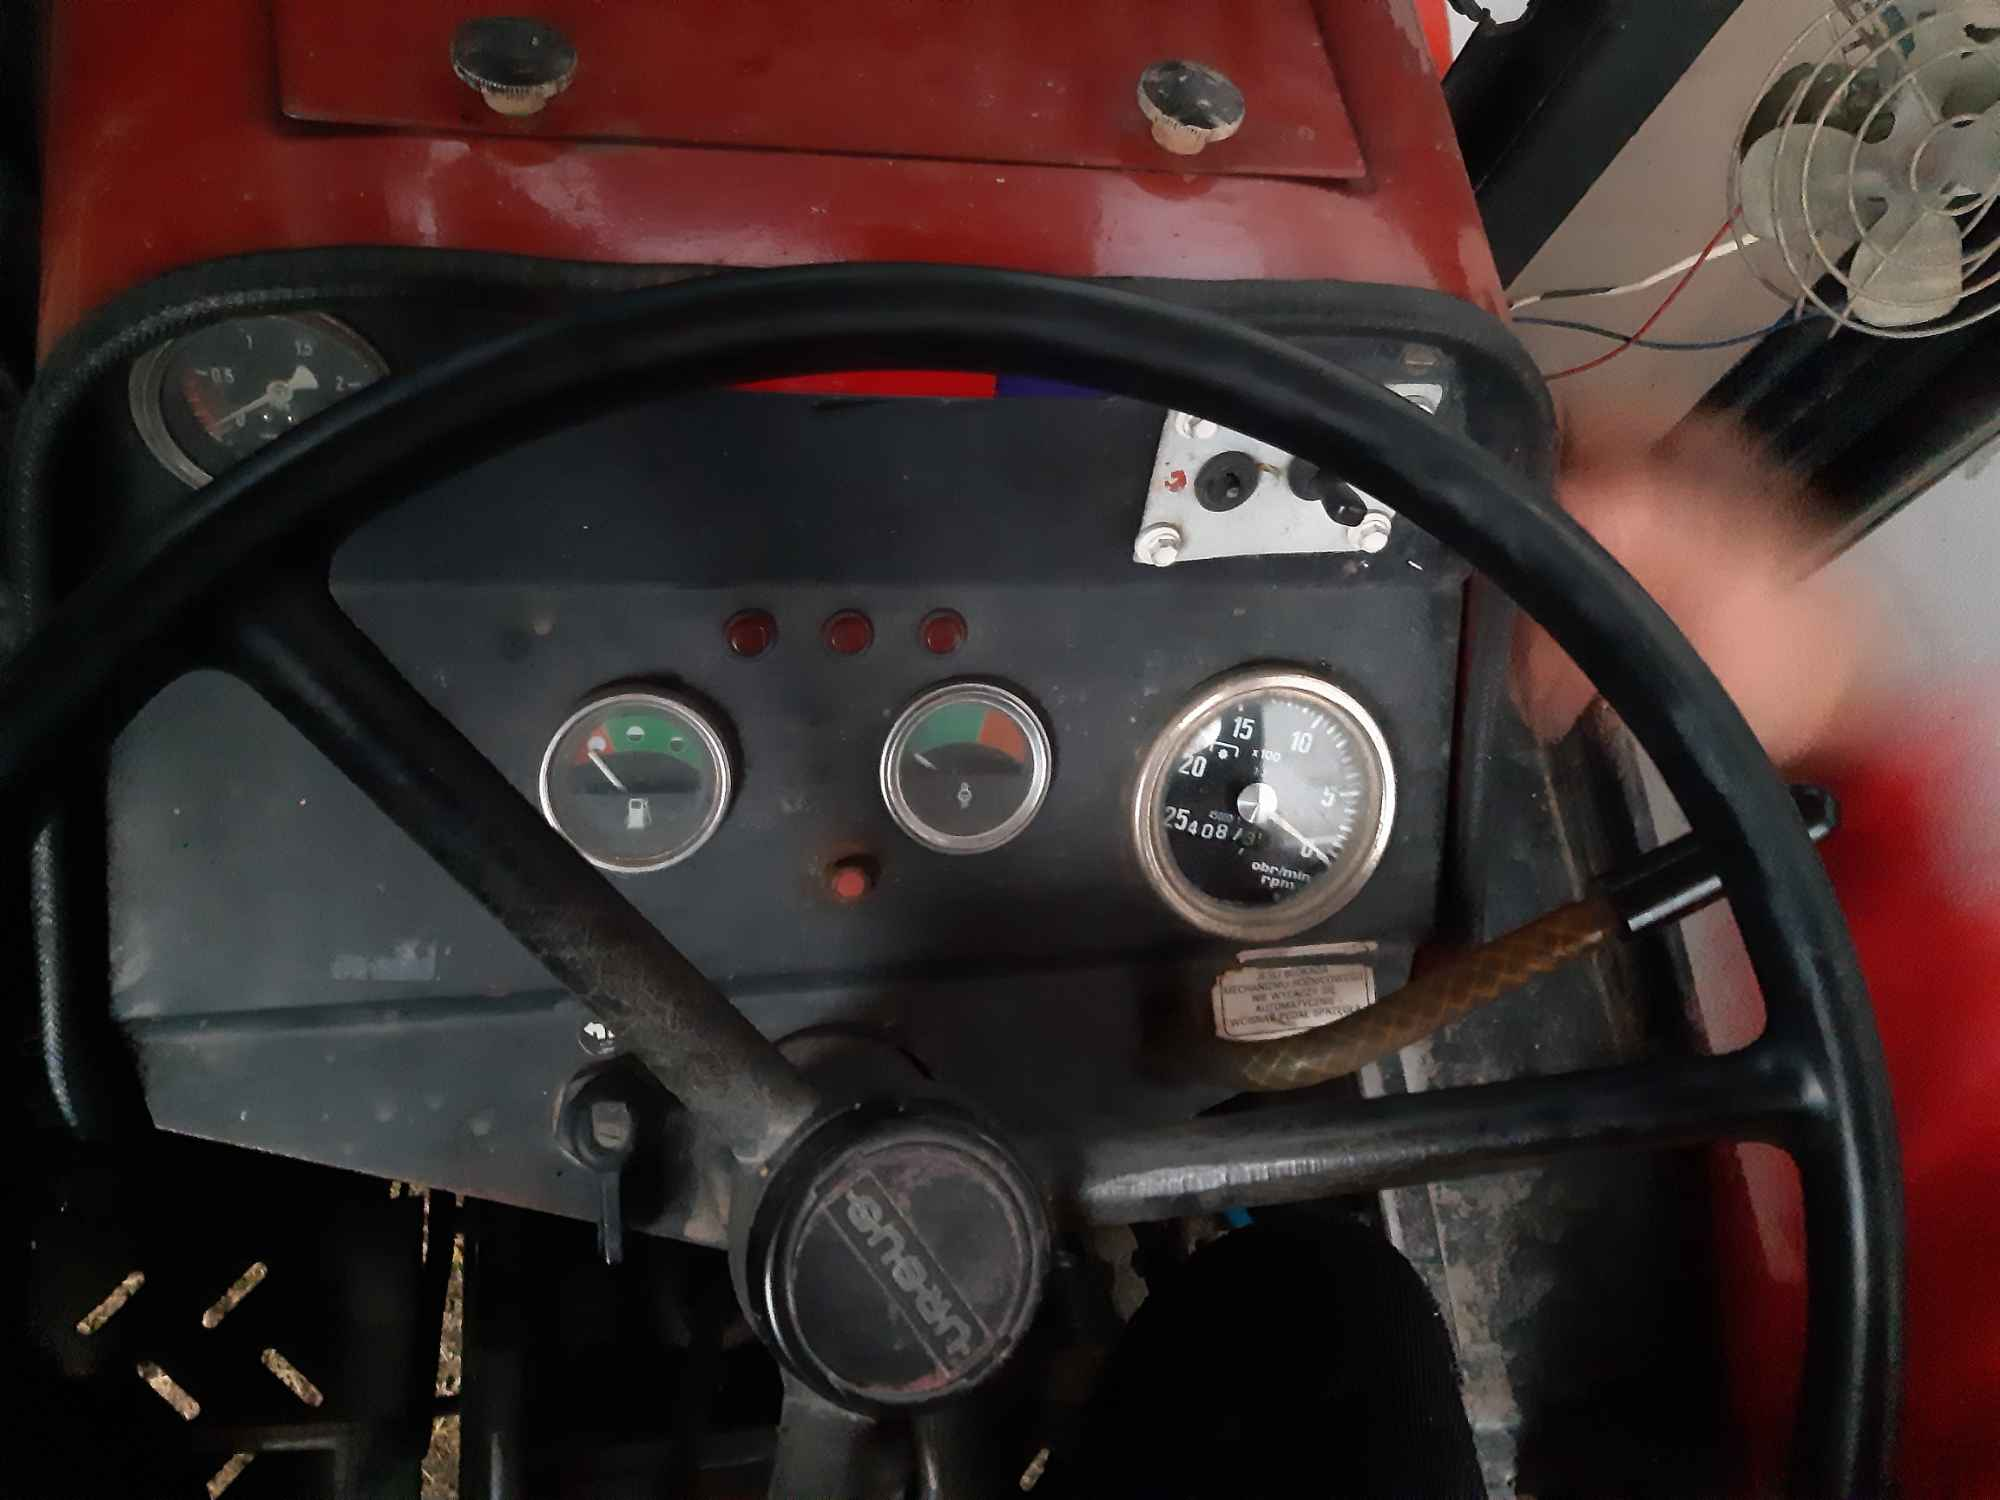 Sprzedam ciągnik MF 255 Kolonia Bobrowska Wola - zdjęcie 4